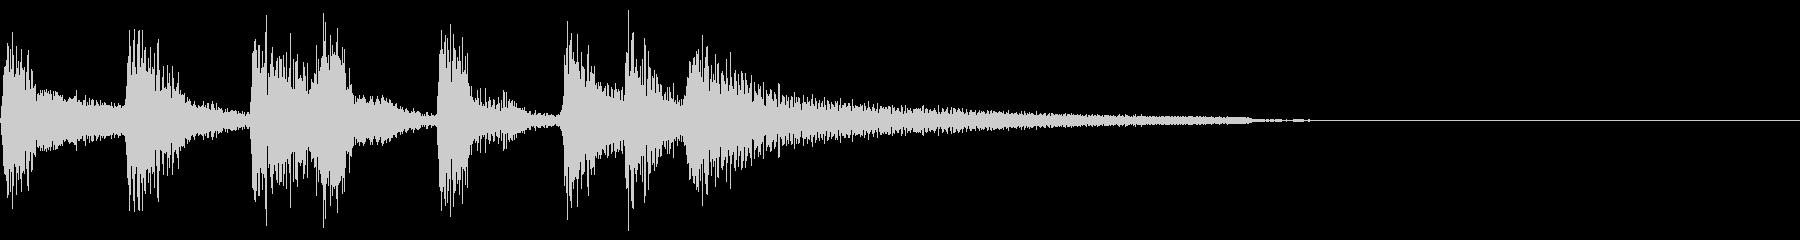 ボサノヴァのギターによるサウンドロゴの未再生の波形